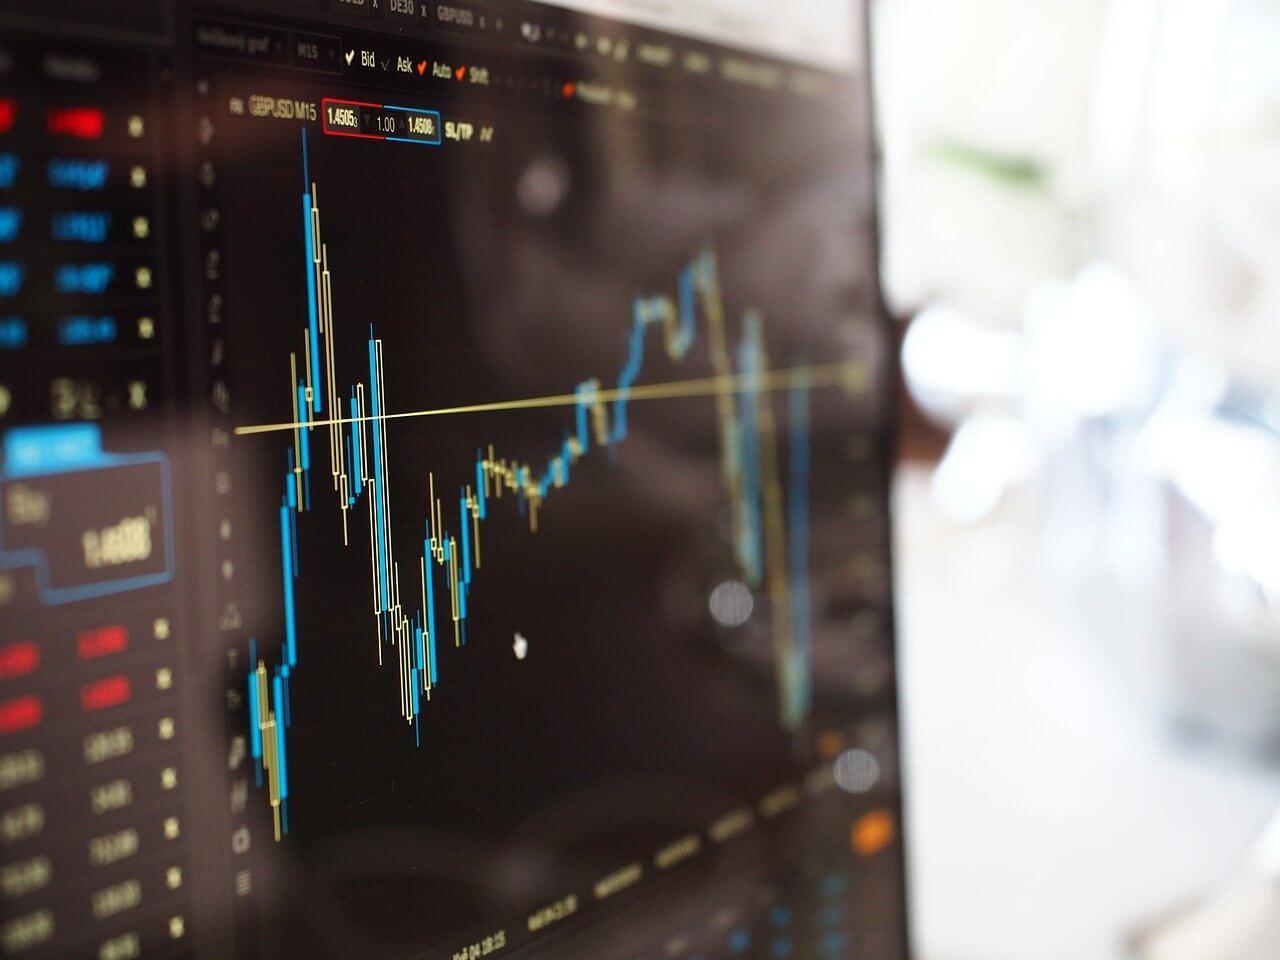 El desarrollo de los índices bursátiles